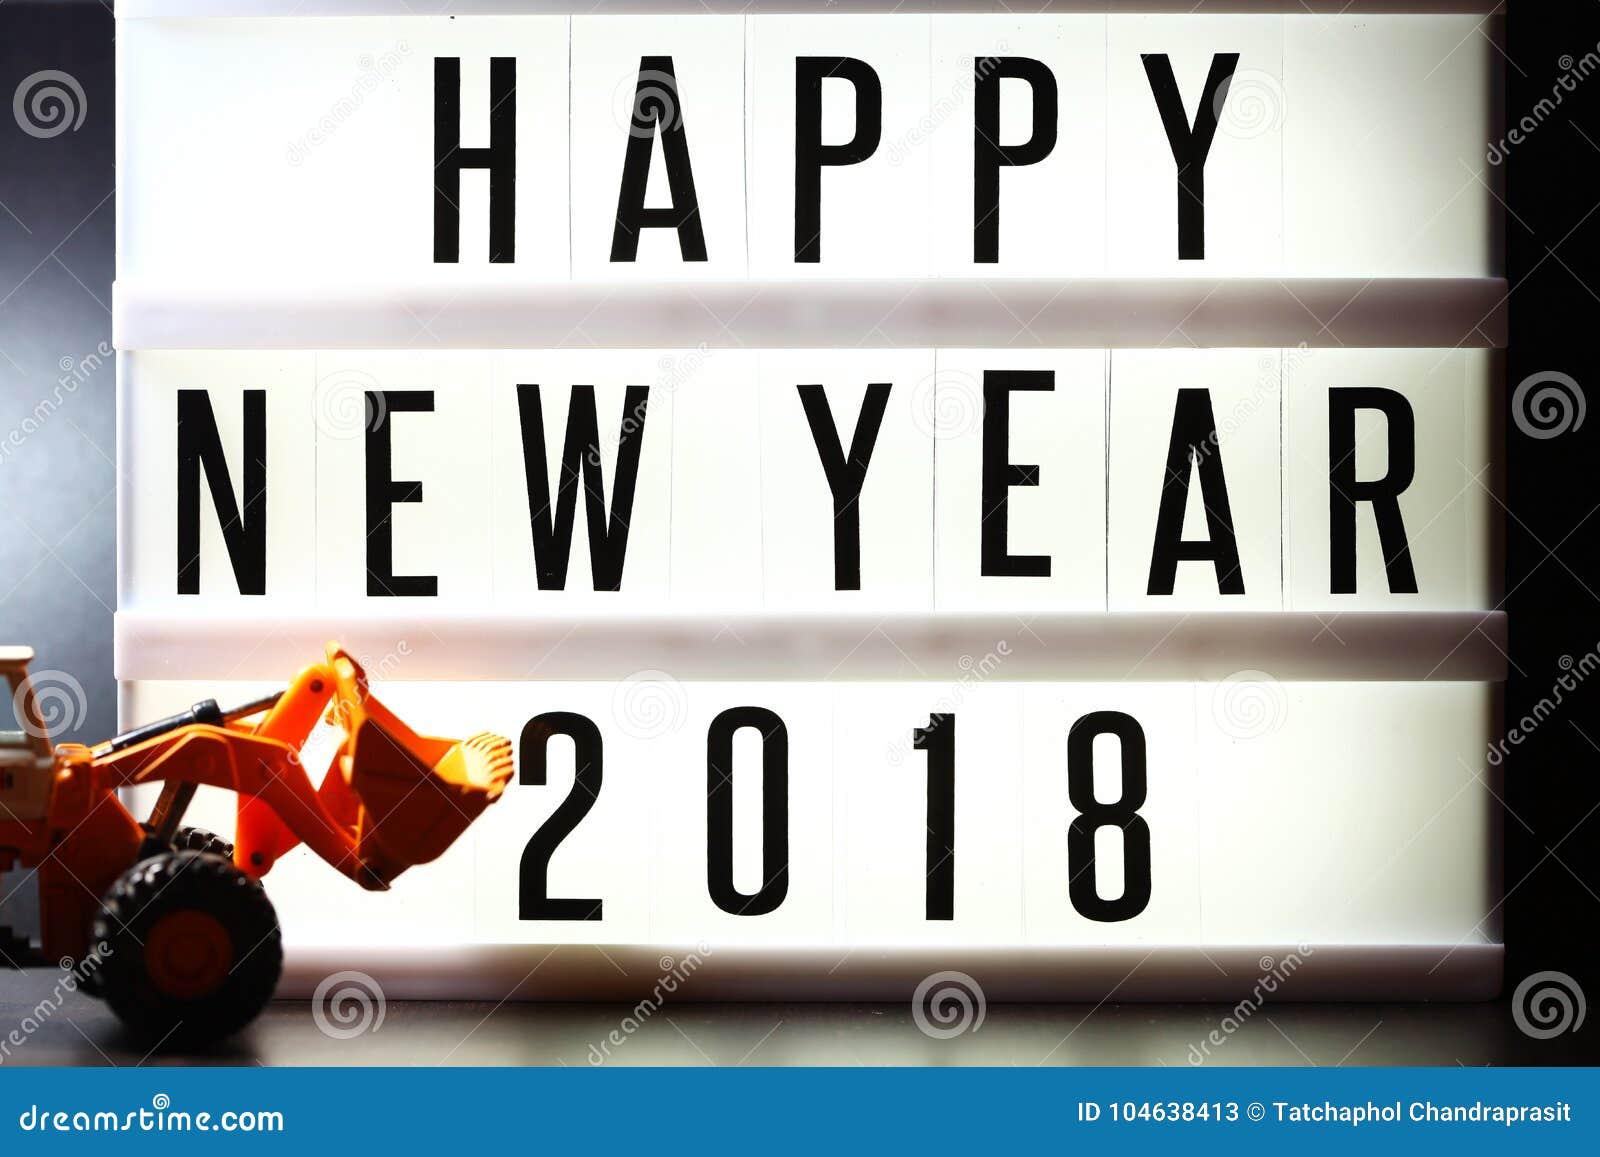 Download Stukken Van Engelse Teksten Die Nieuw Jaar 2018 Op Verlicht Licht Vakje Spellen Stock Afbeelding - Afbeelding bestaande uit ontwerp, onscherp: 104638413